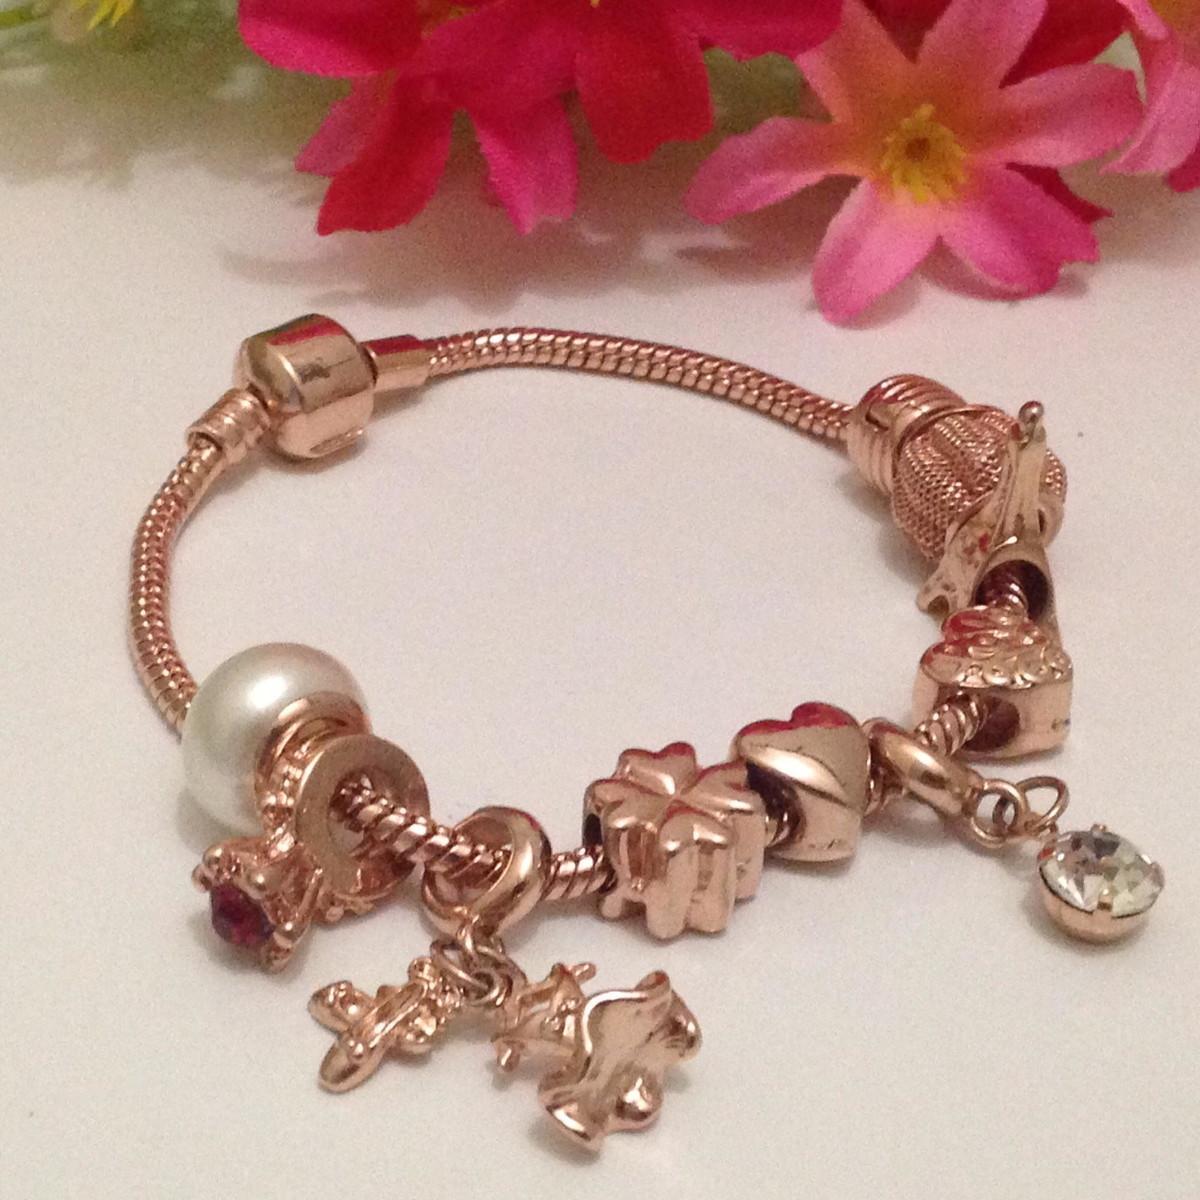 d04c91338 Pulseira de Berloque completa Banho Ouro Rose estilo Pandora no Elo7 ...